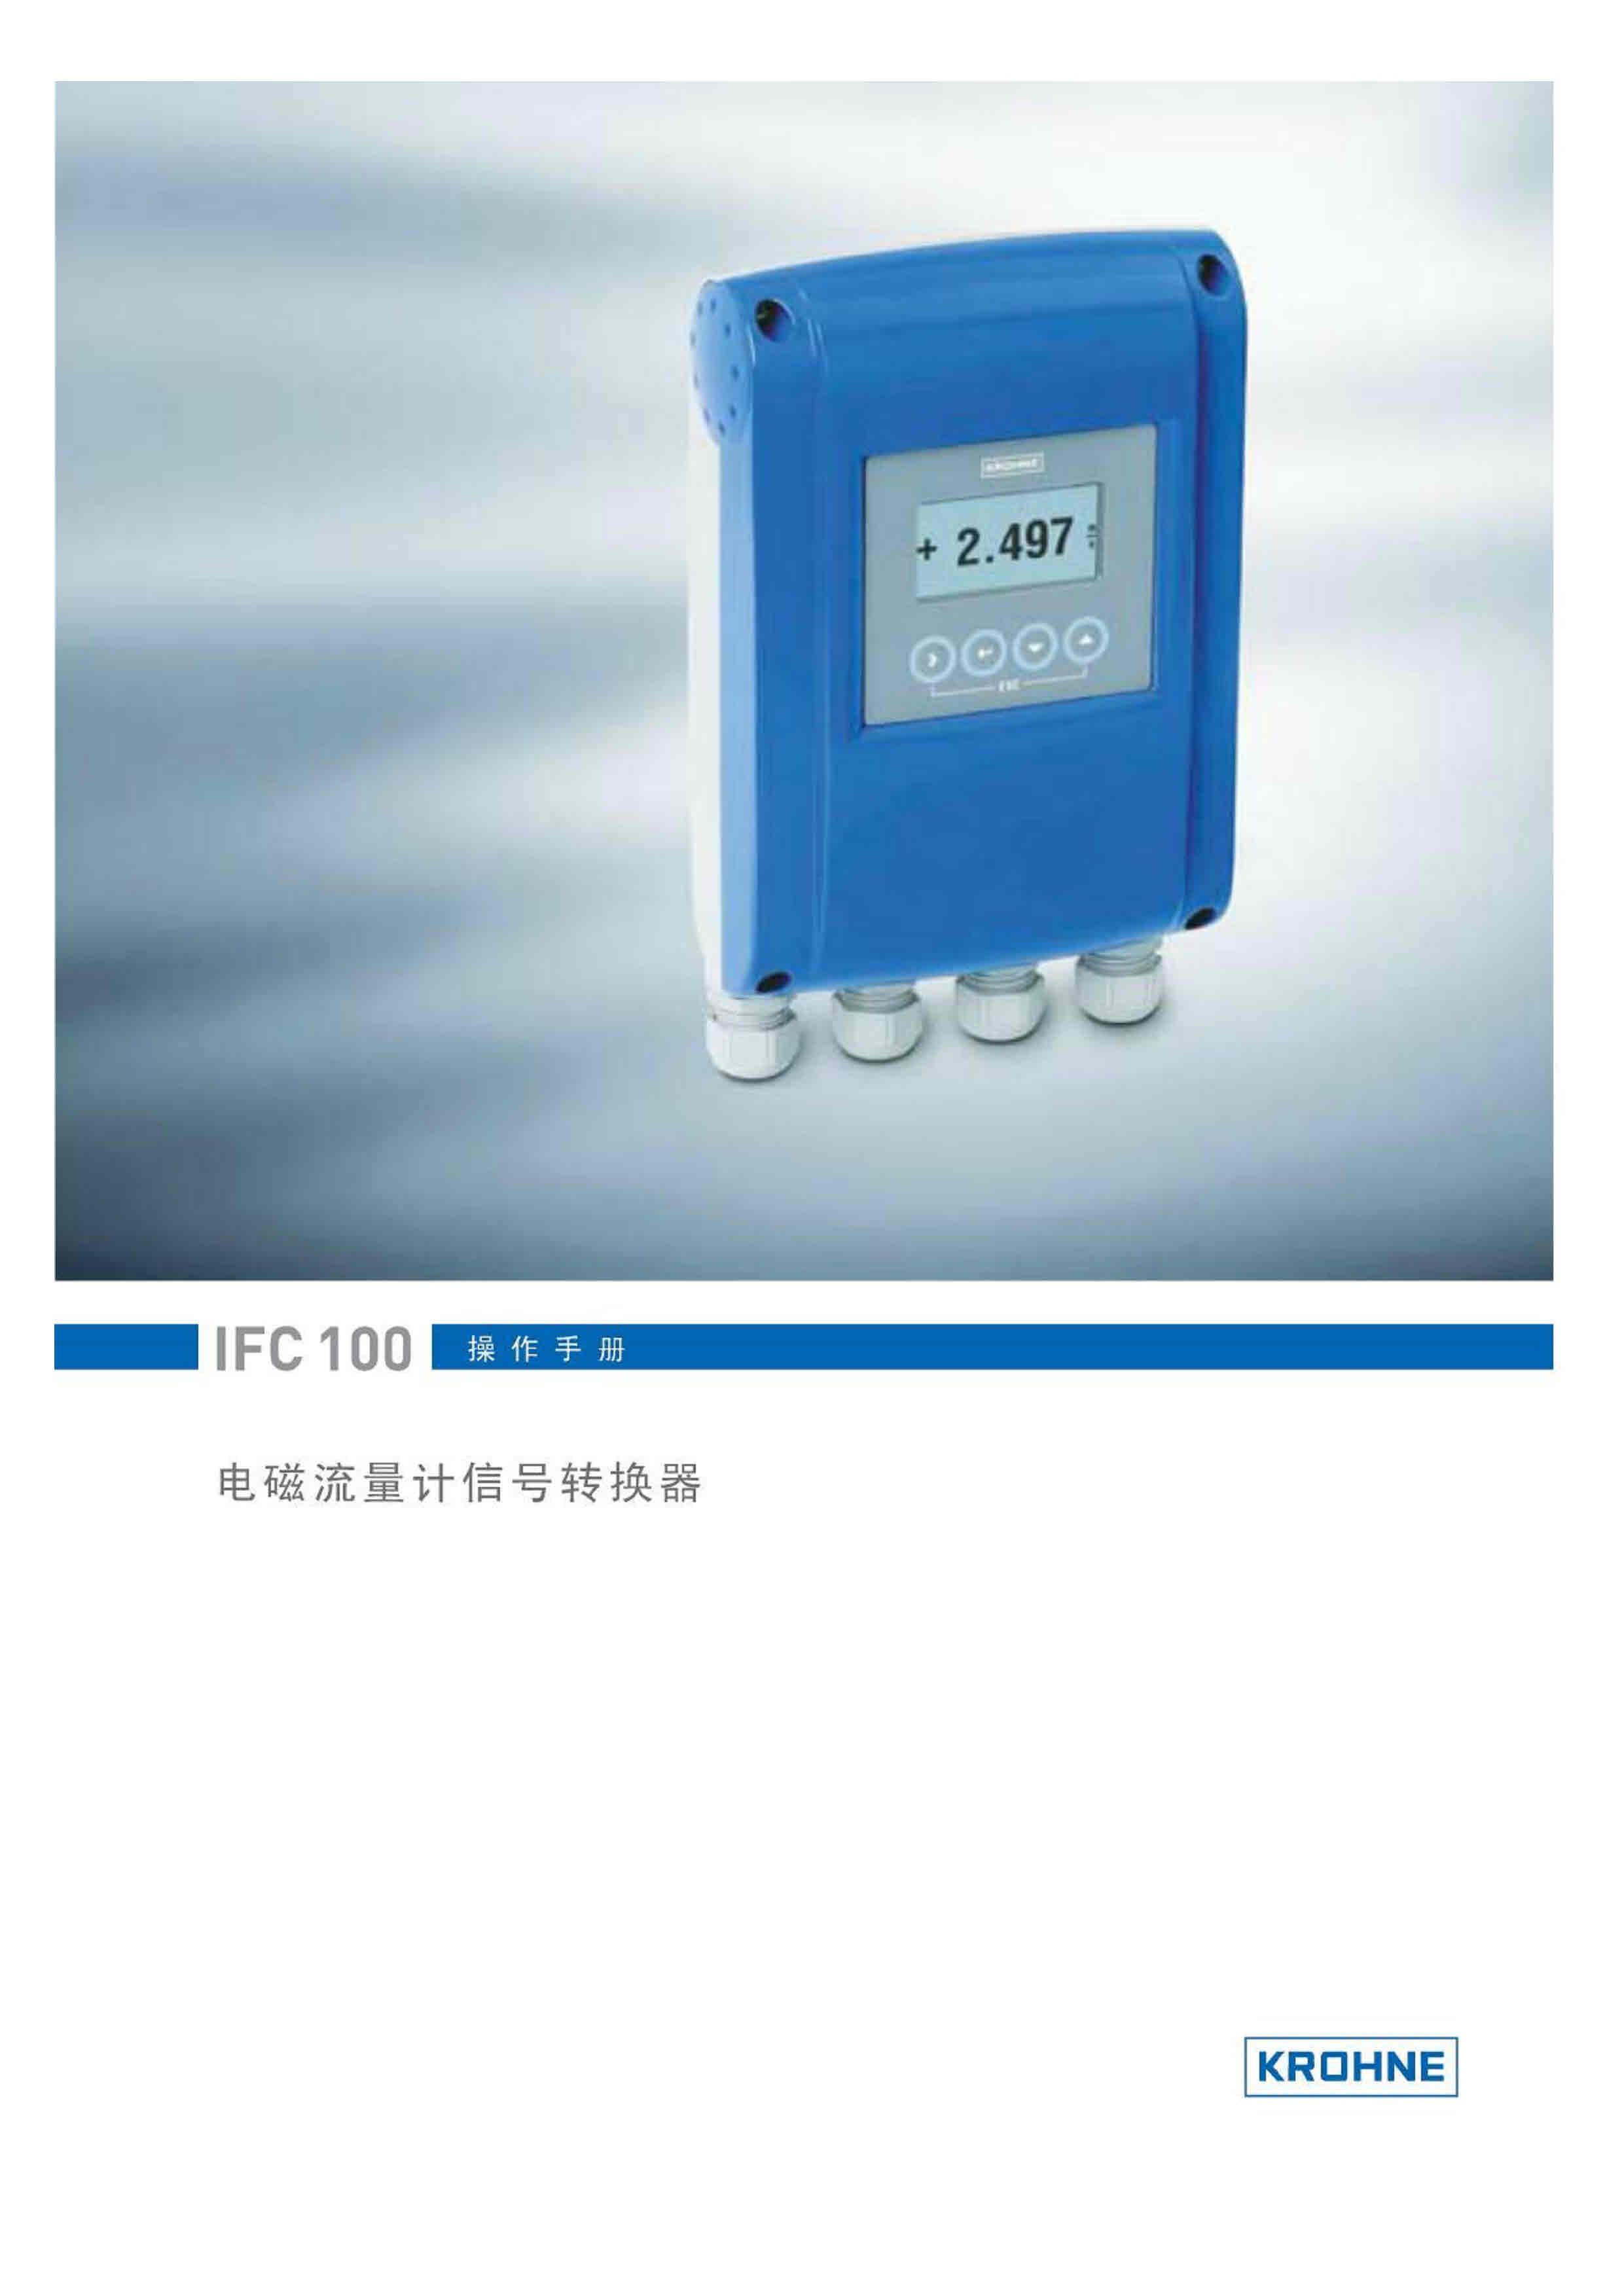 科隆 IFC100中文版